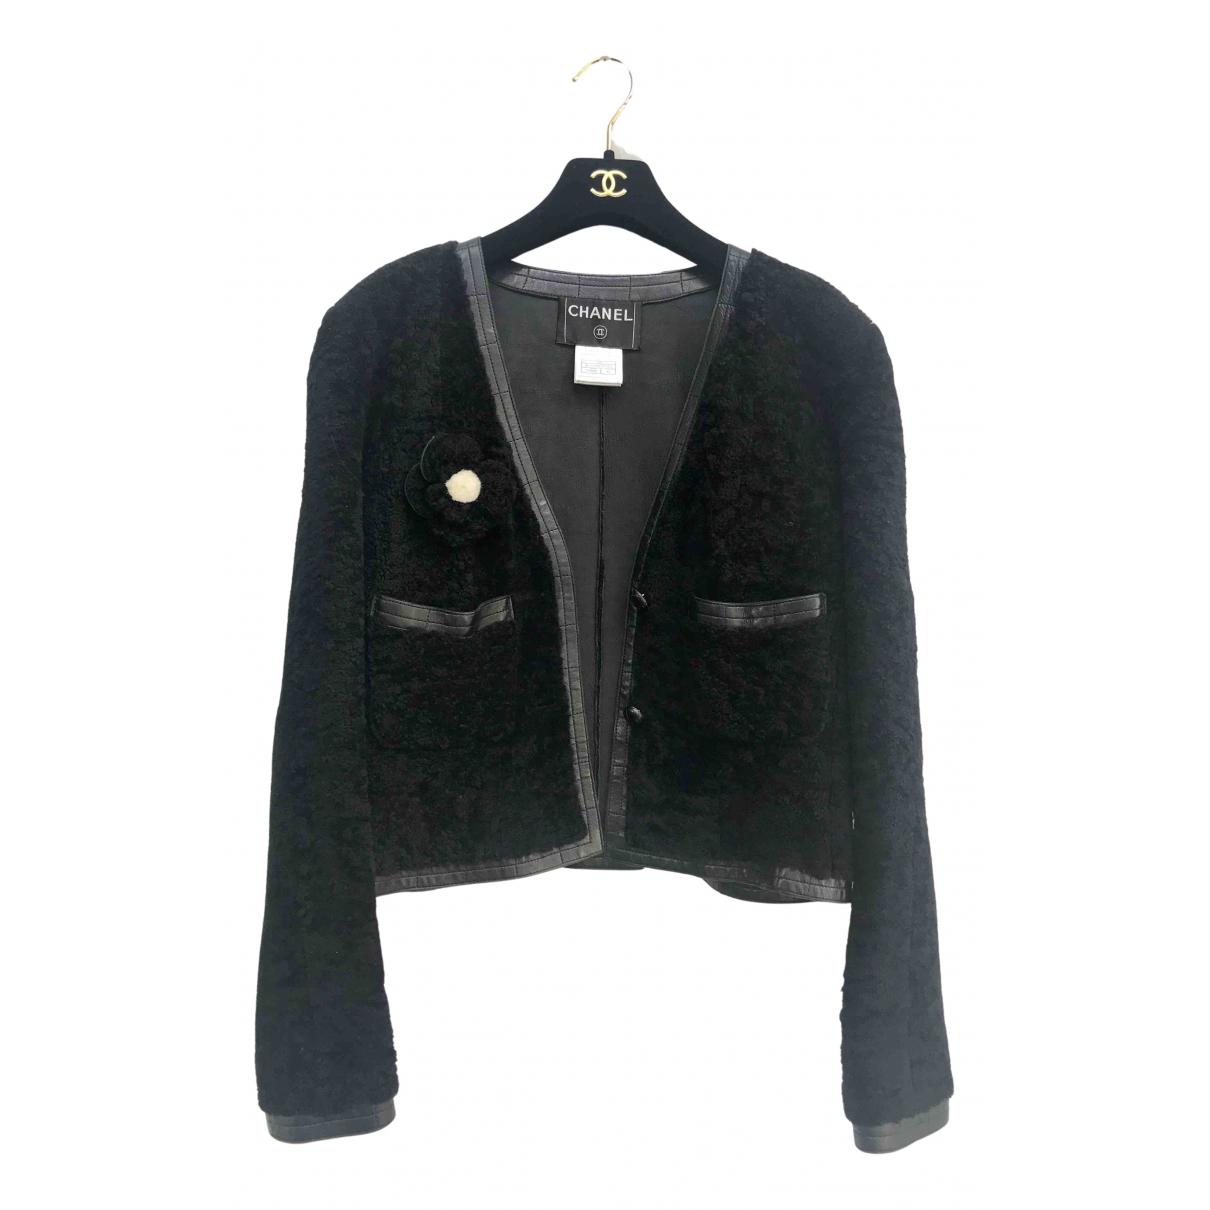 Chanel - Veste   pour femme en mouton - noir